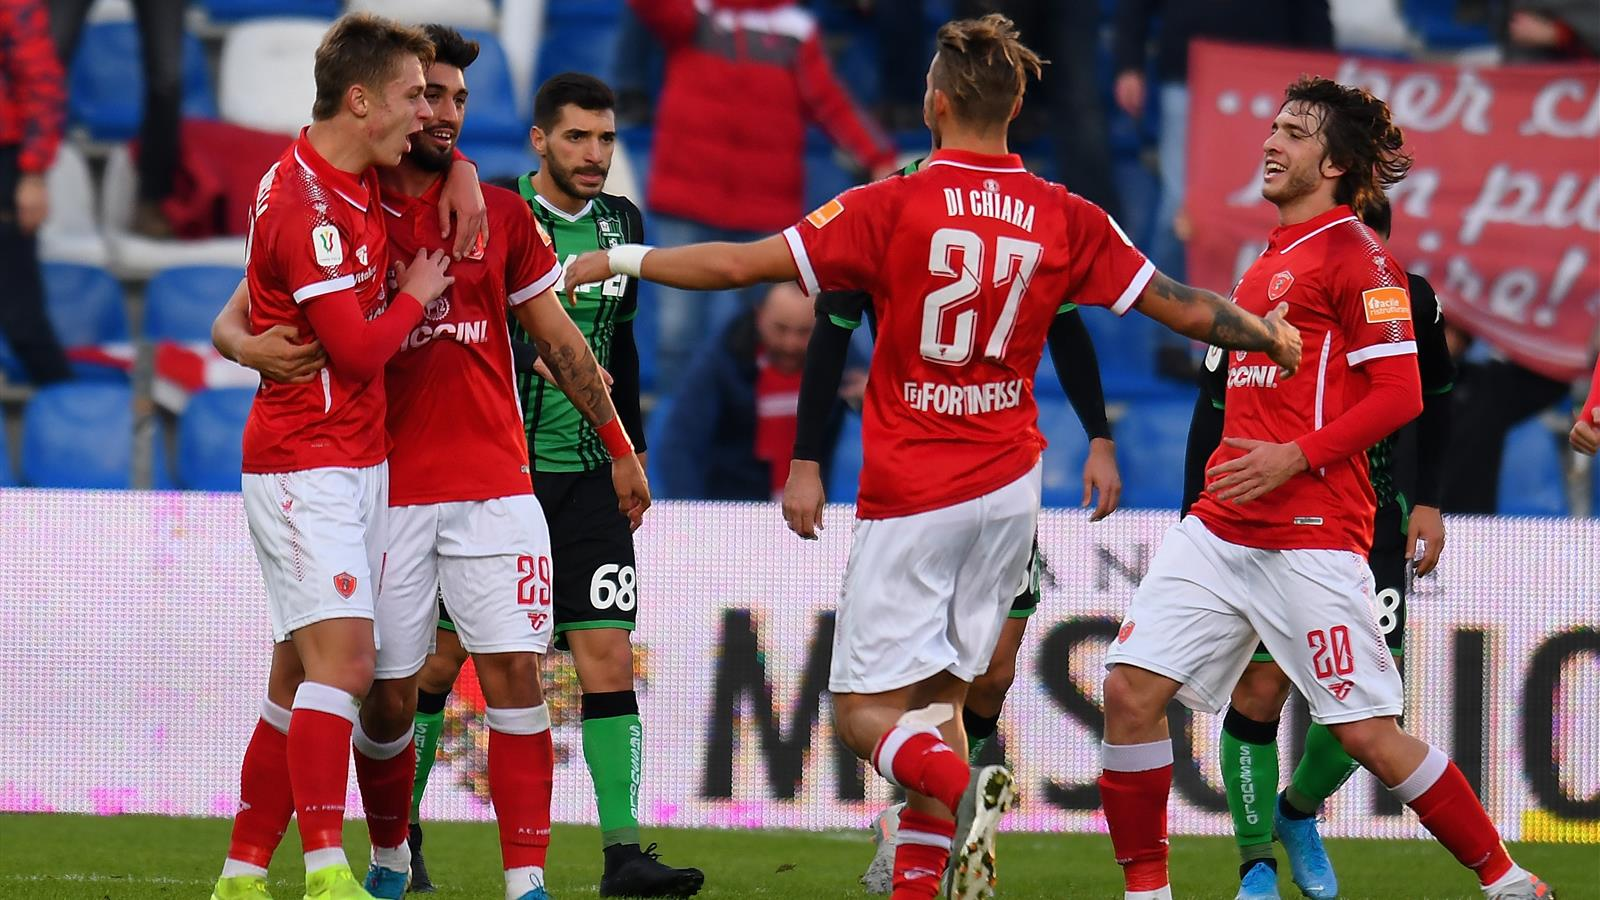 Coppa Italia, Sassuolo-Perugia 1-2: Mazzocchi e Nicolussi ...